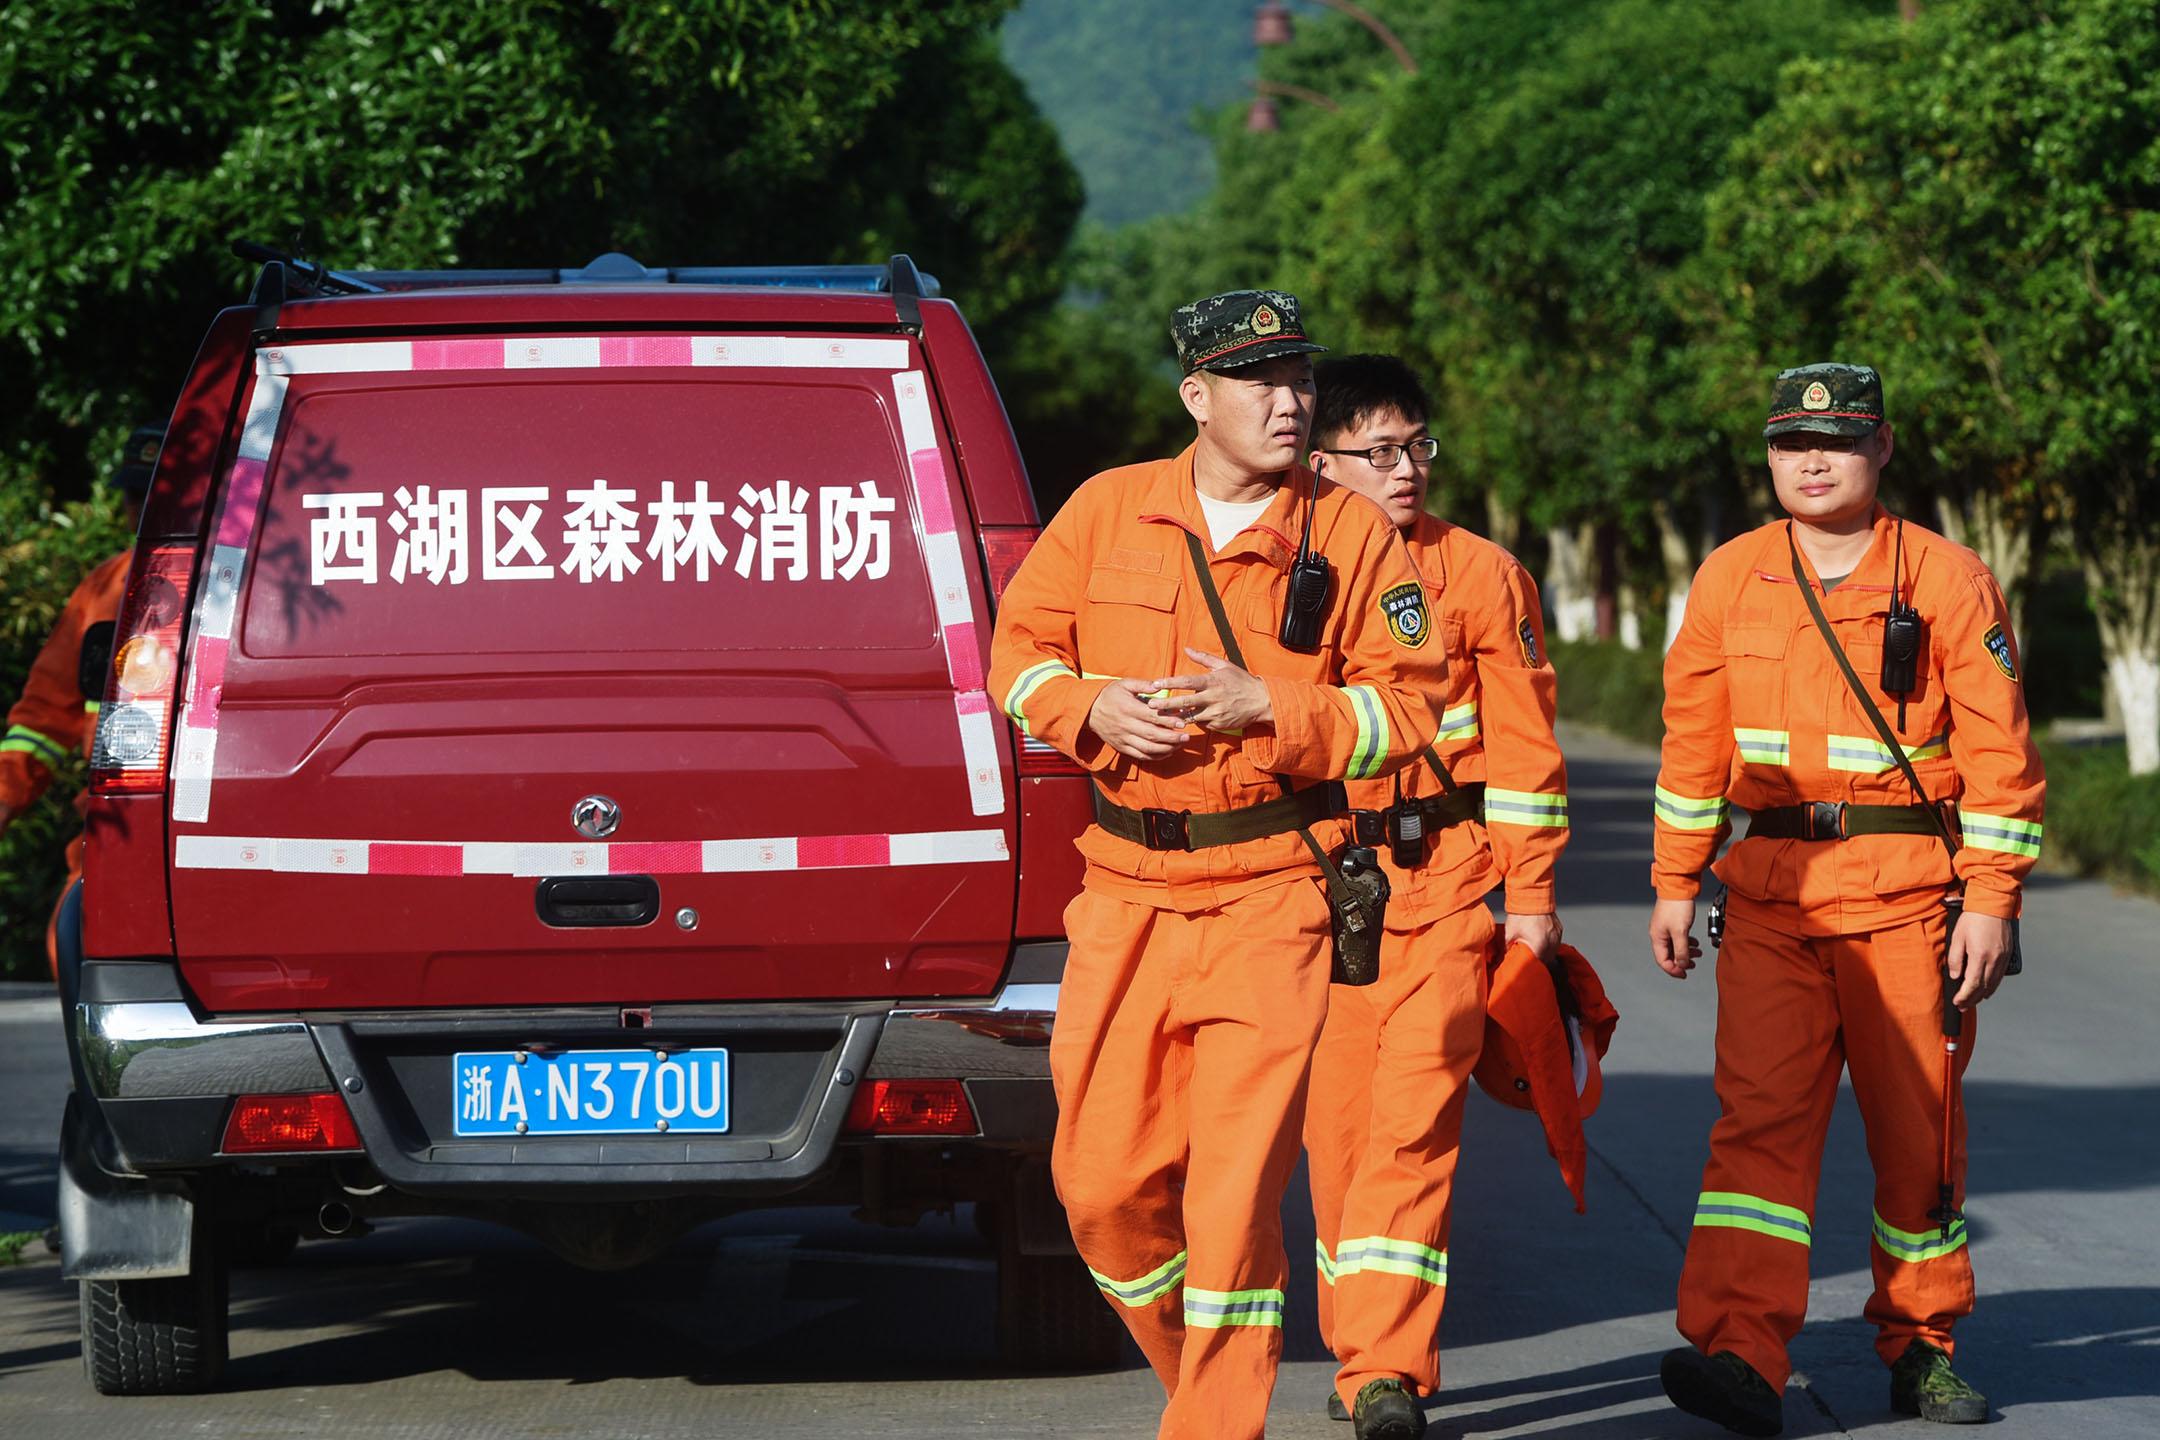 2021年5月9日中國杭州,工作人員在西湖區附近的山上尋找豹。 攝:Costfoto/Barcroft Media via Getty Images